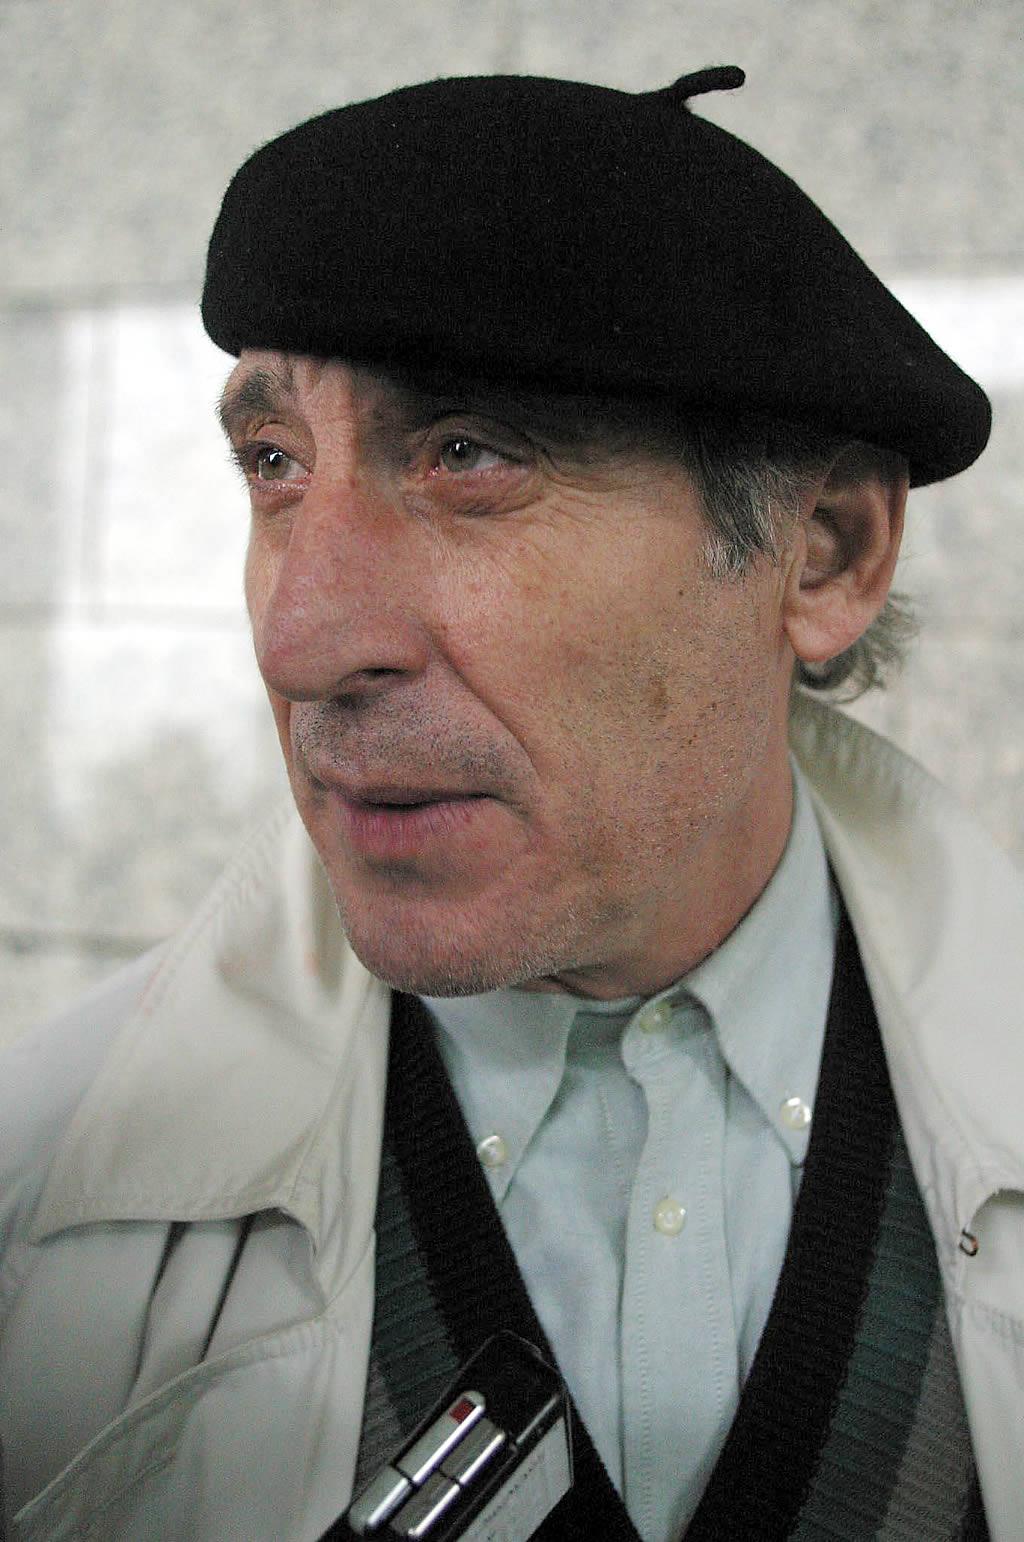 El actor Celso Bugallo, indignado con la marea negra <br>Xoan A. Soler